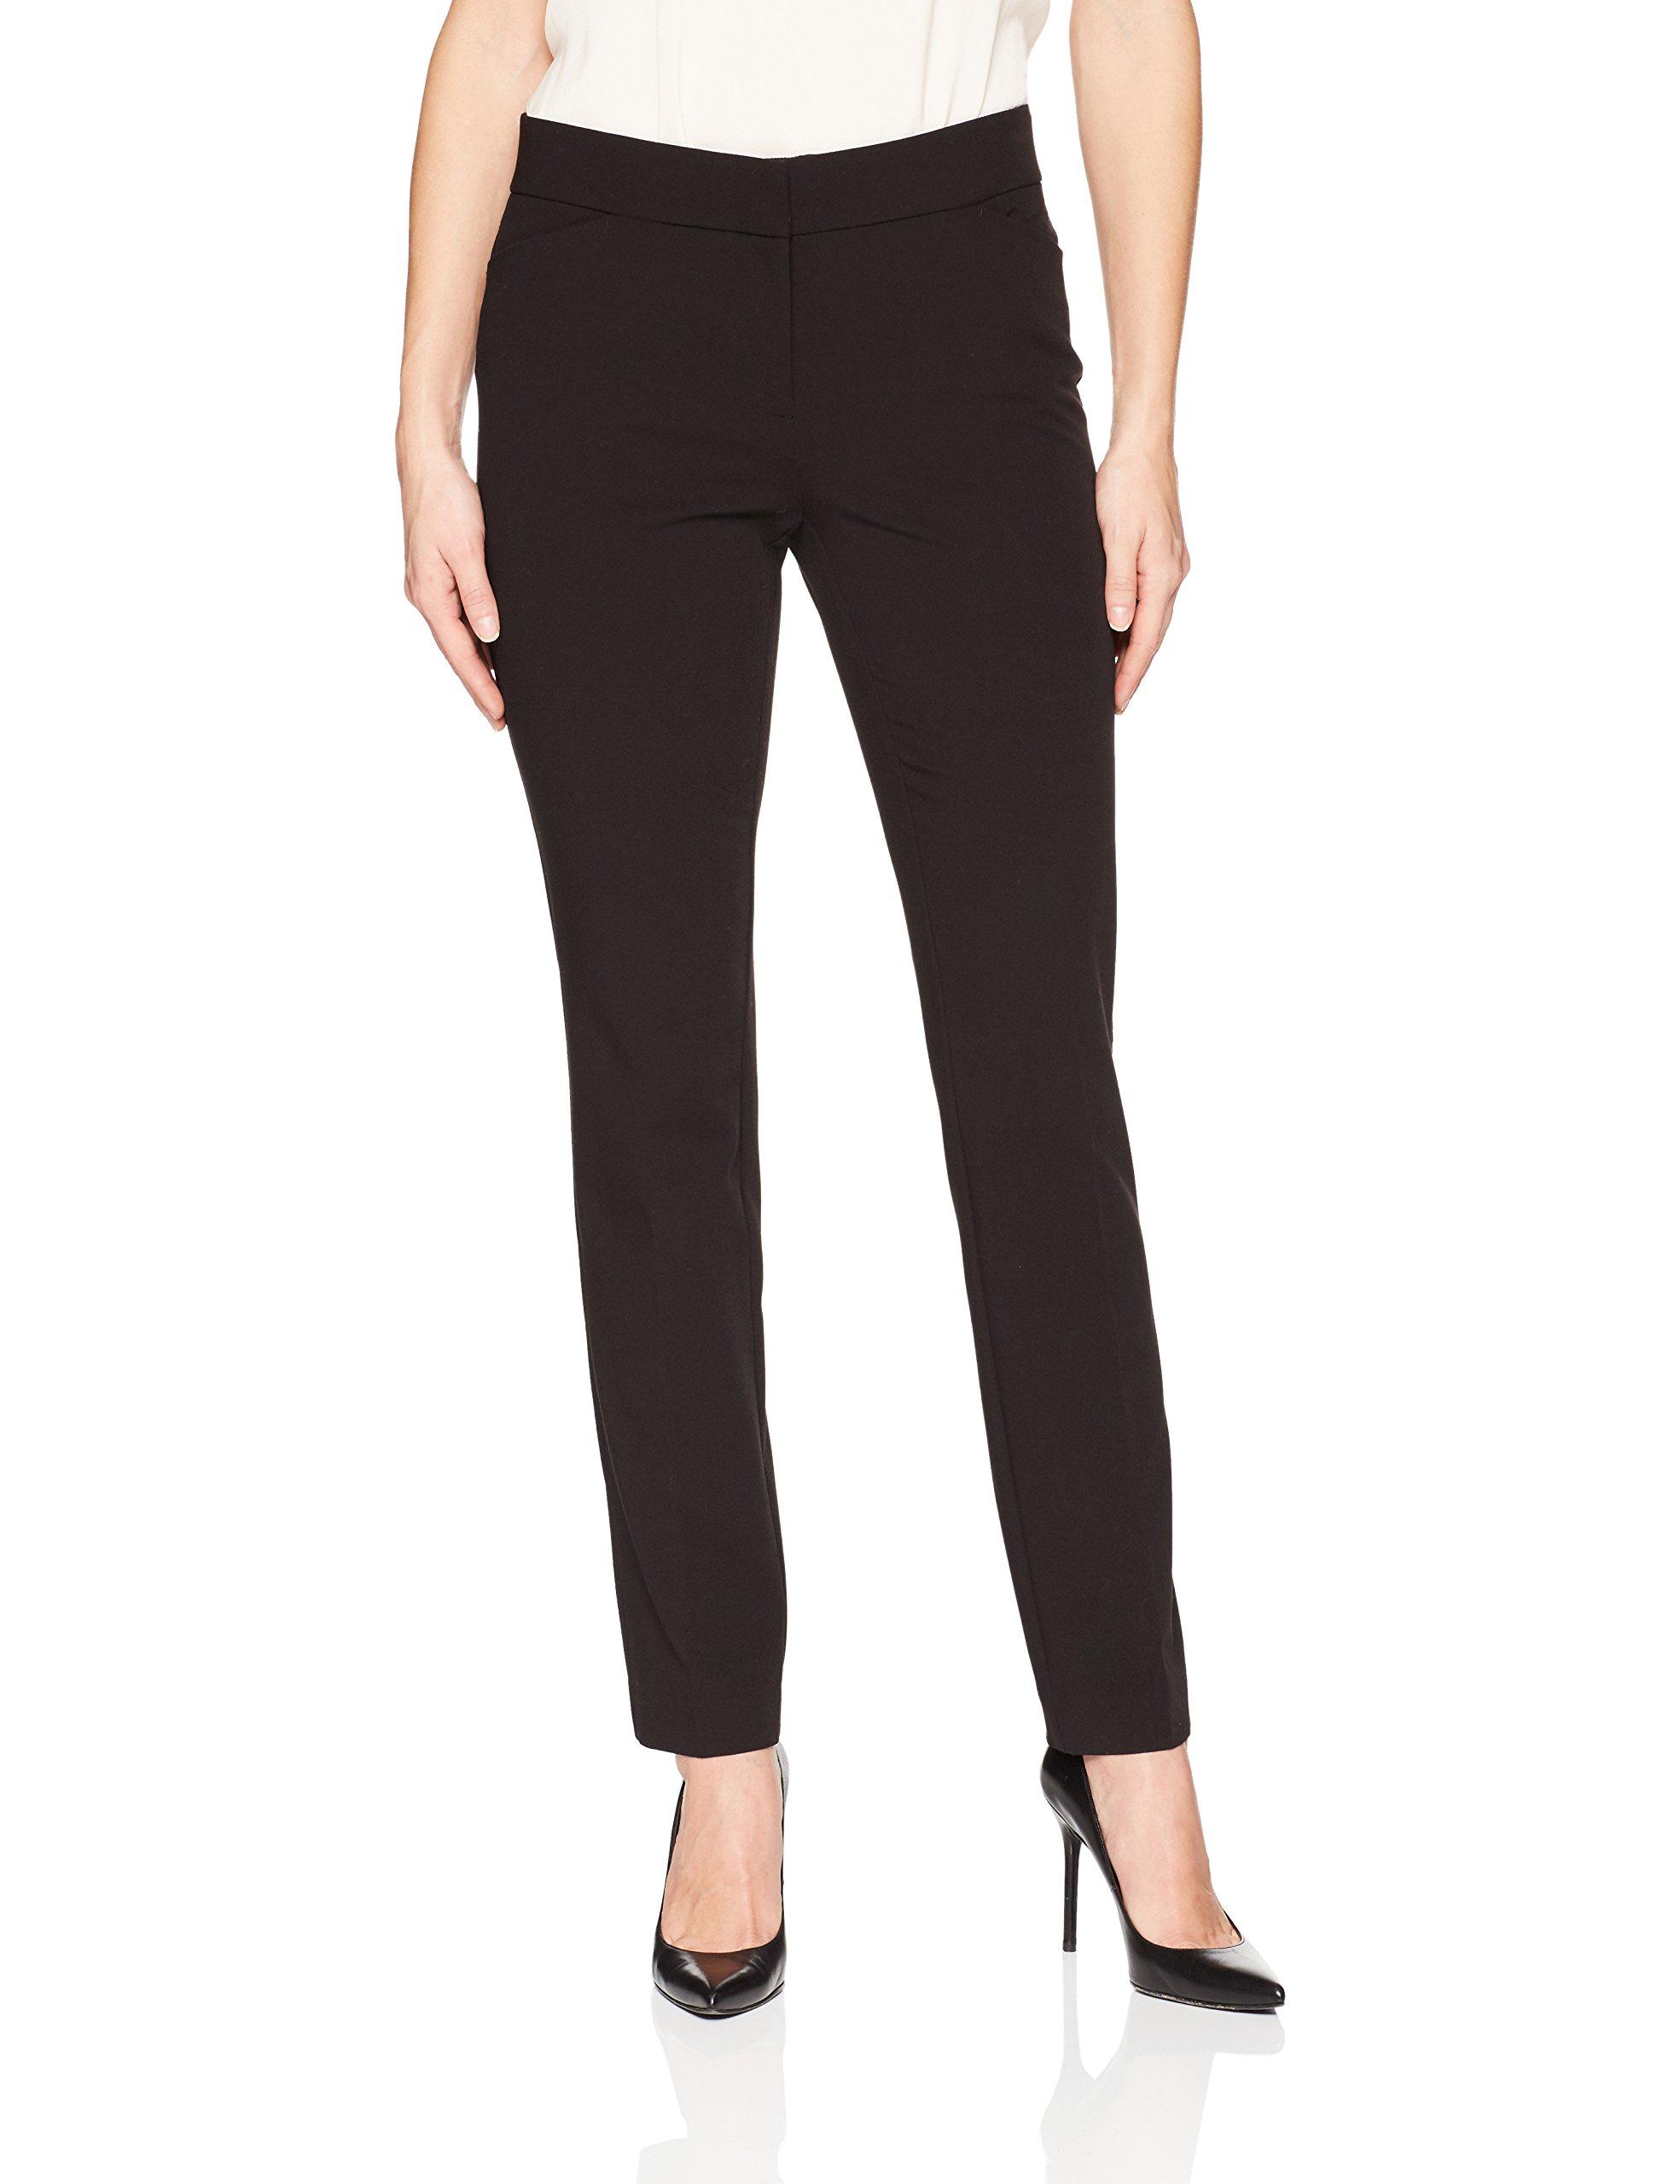 Lark & Ro Women's Straight Leg Trouser Pant: Classic Fit, Black, 2L